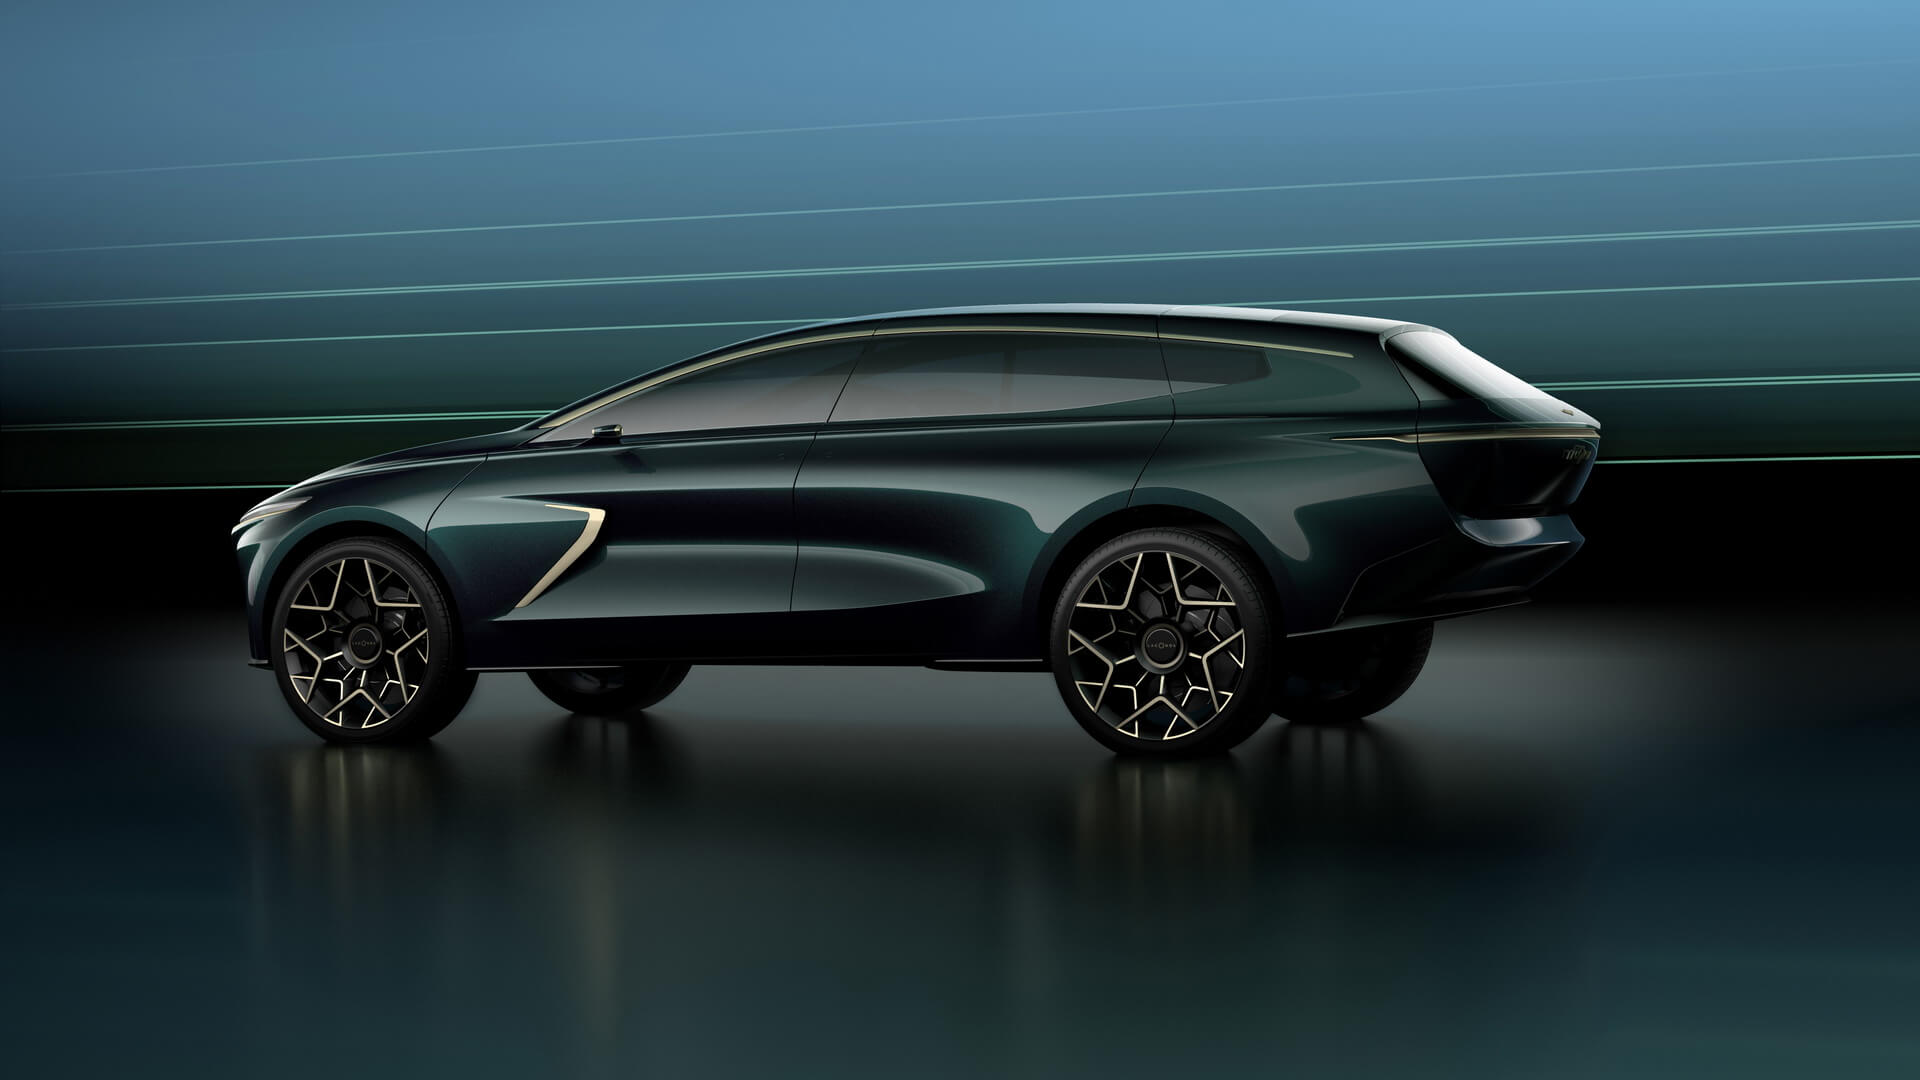 Концепт Lagonda All-Terrain нарочито роскошен иассоциируется скорее сяхтой нежели собычным автомобилем